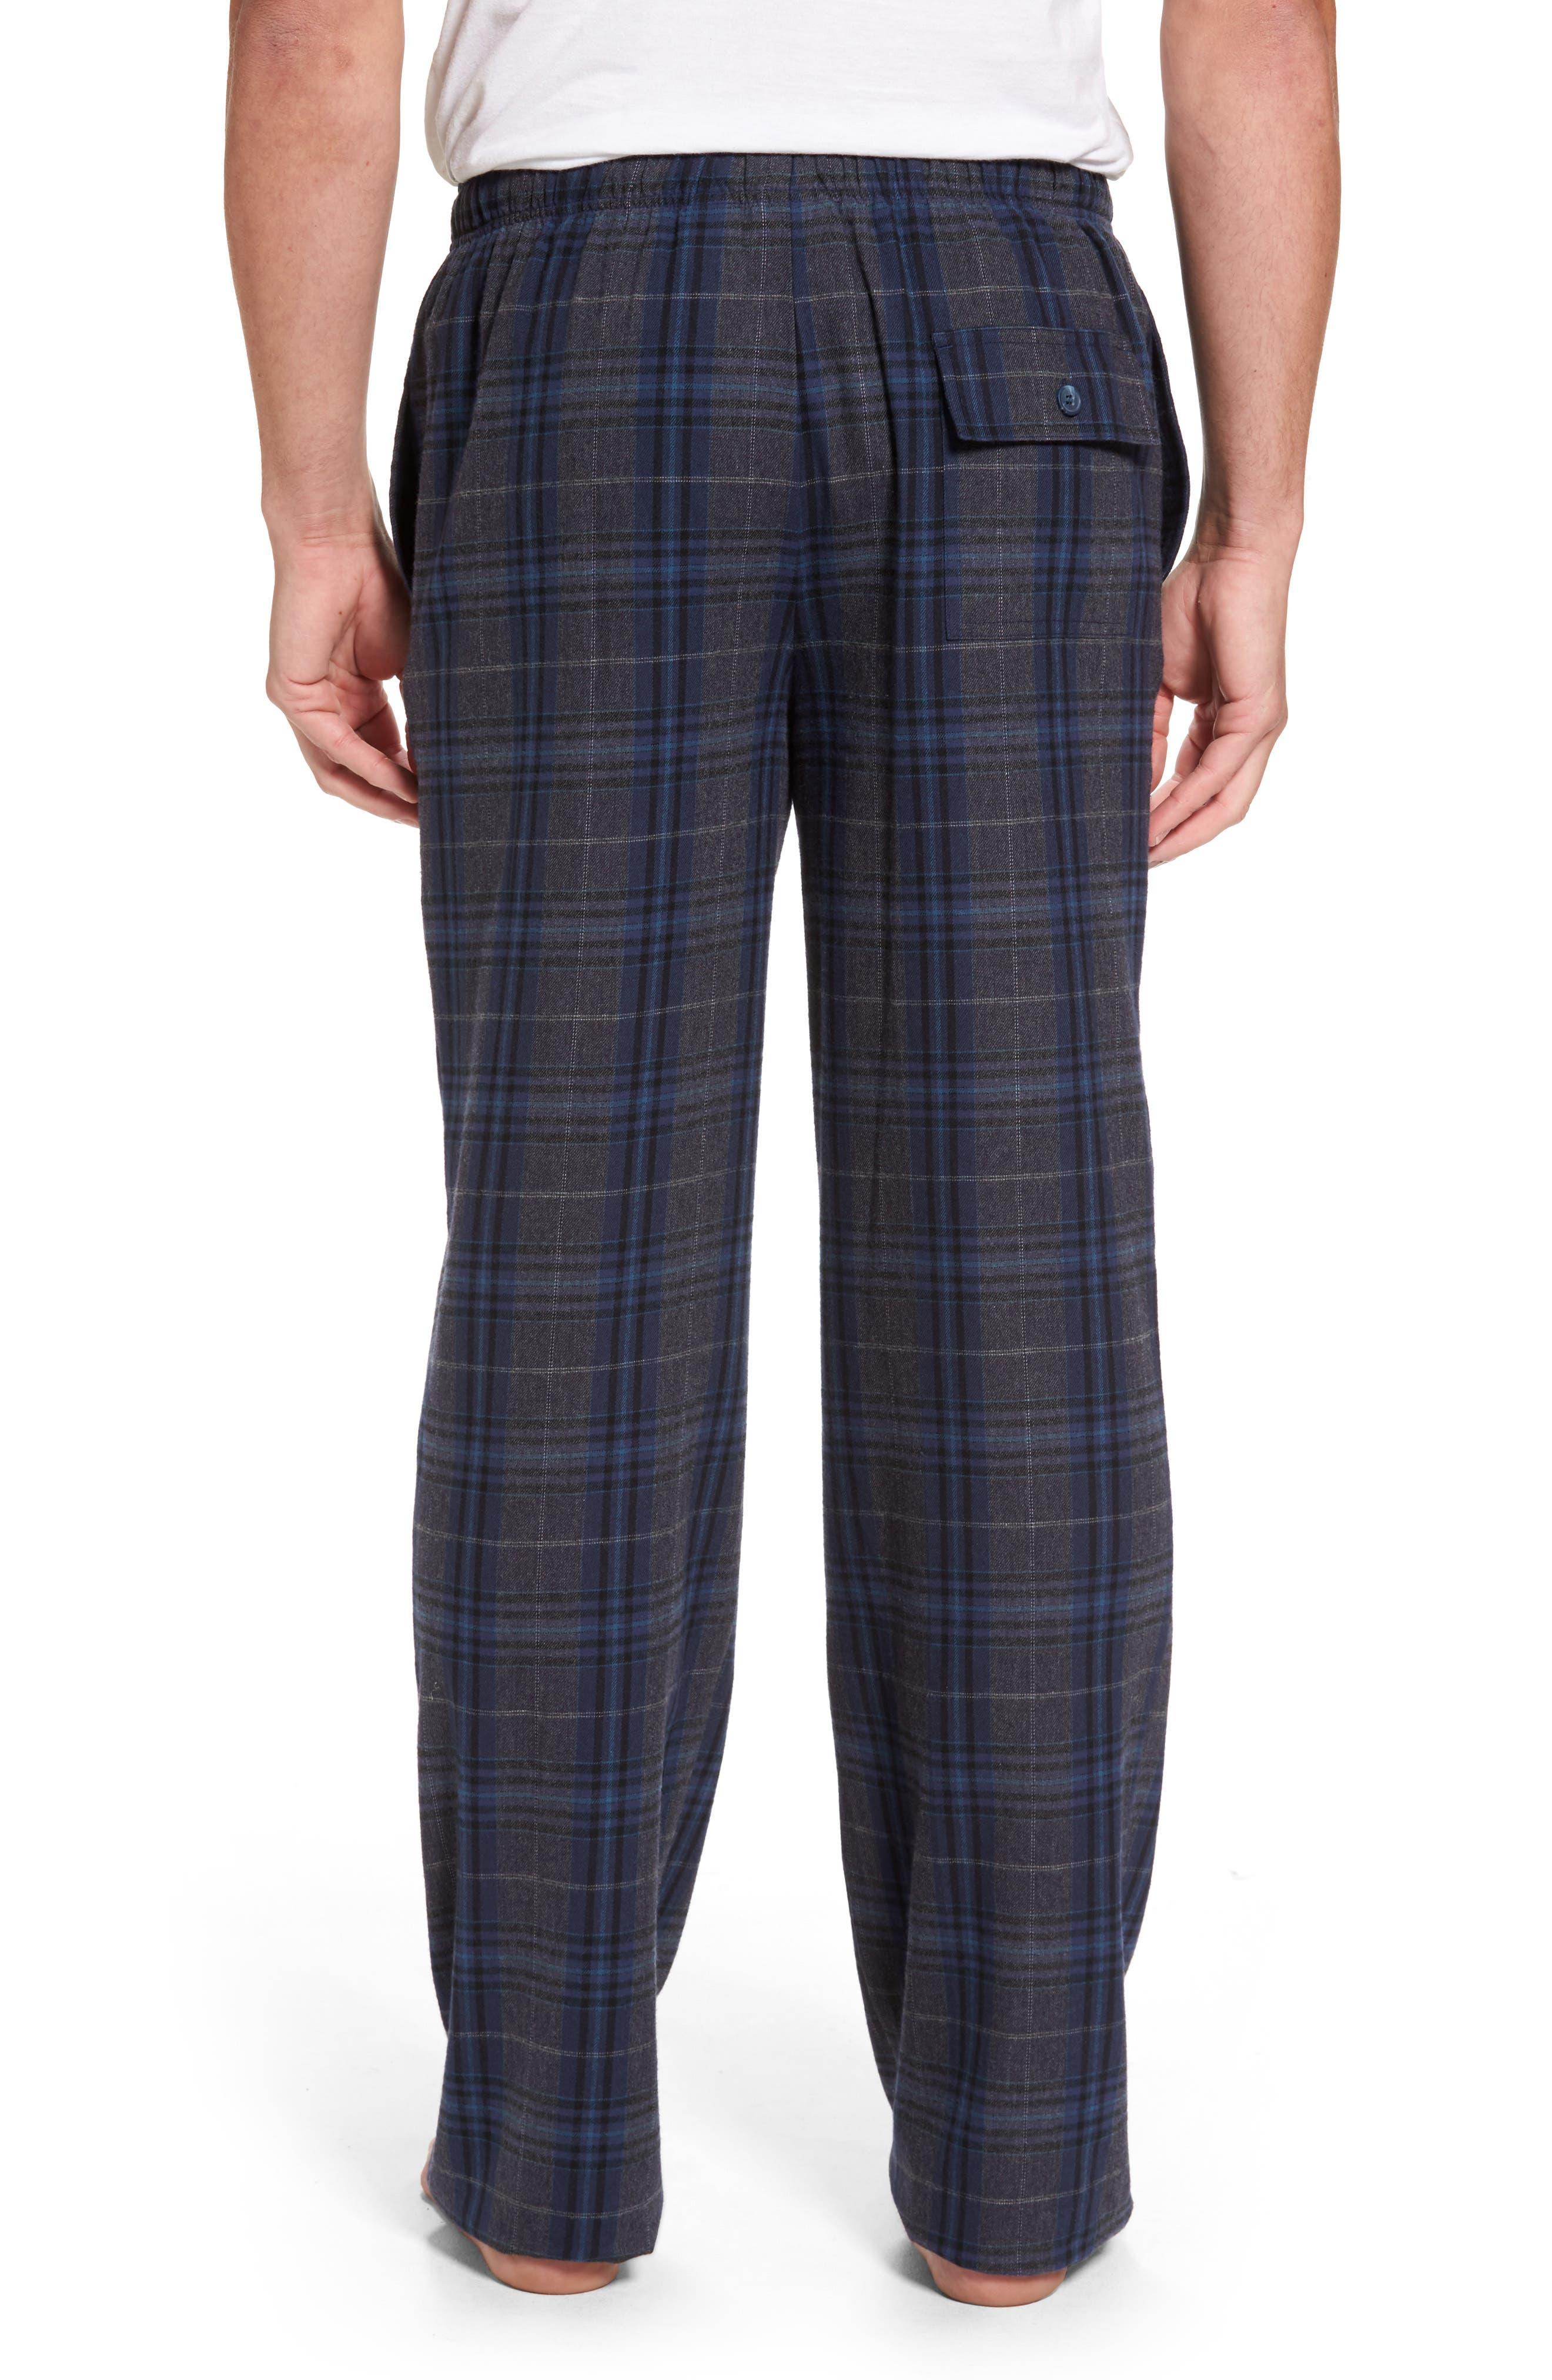 Bryson Plaid Flannel Lounge Pants,                             Alternate thumbnail 2, color,                             030